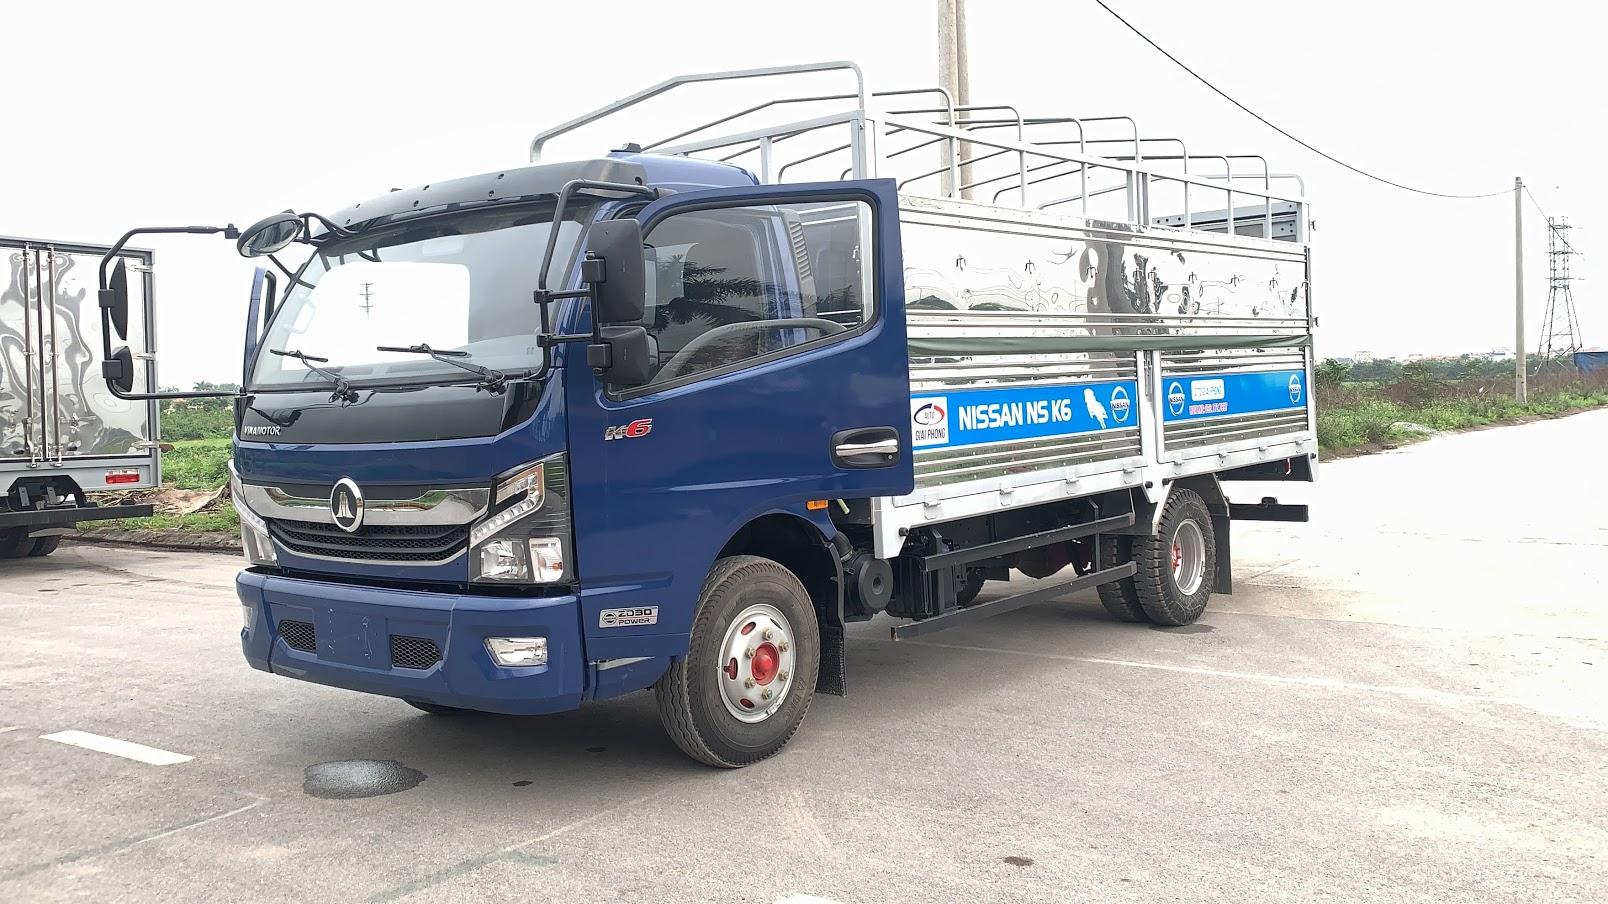 xe tải nissan k6 Đồng Vàng